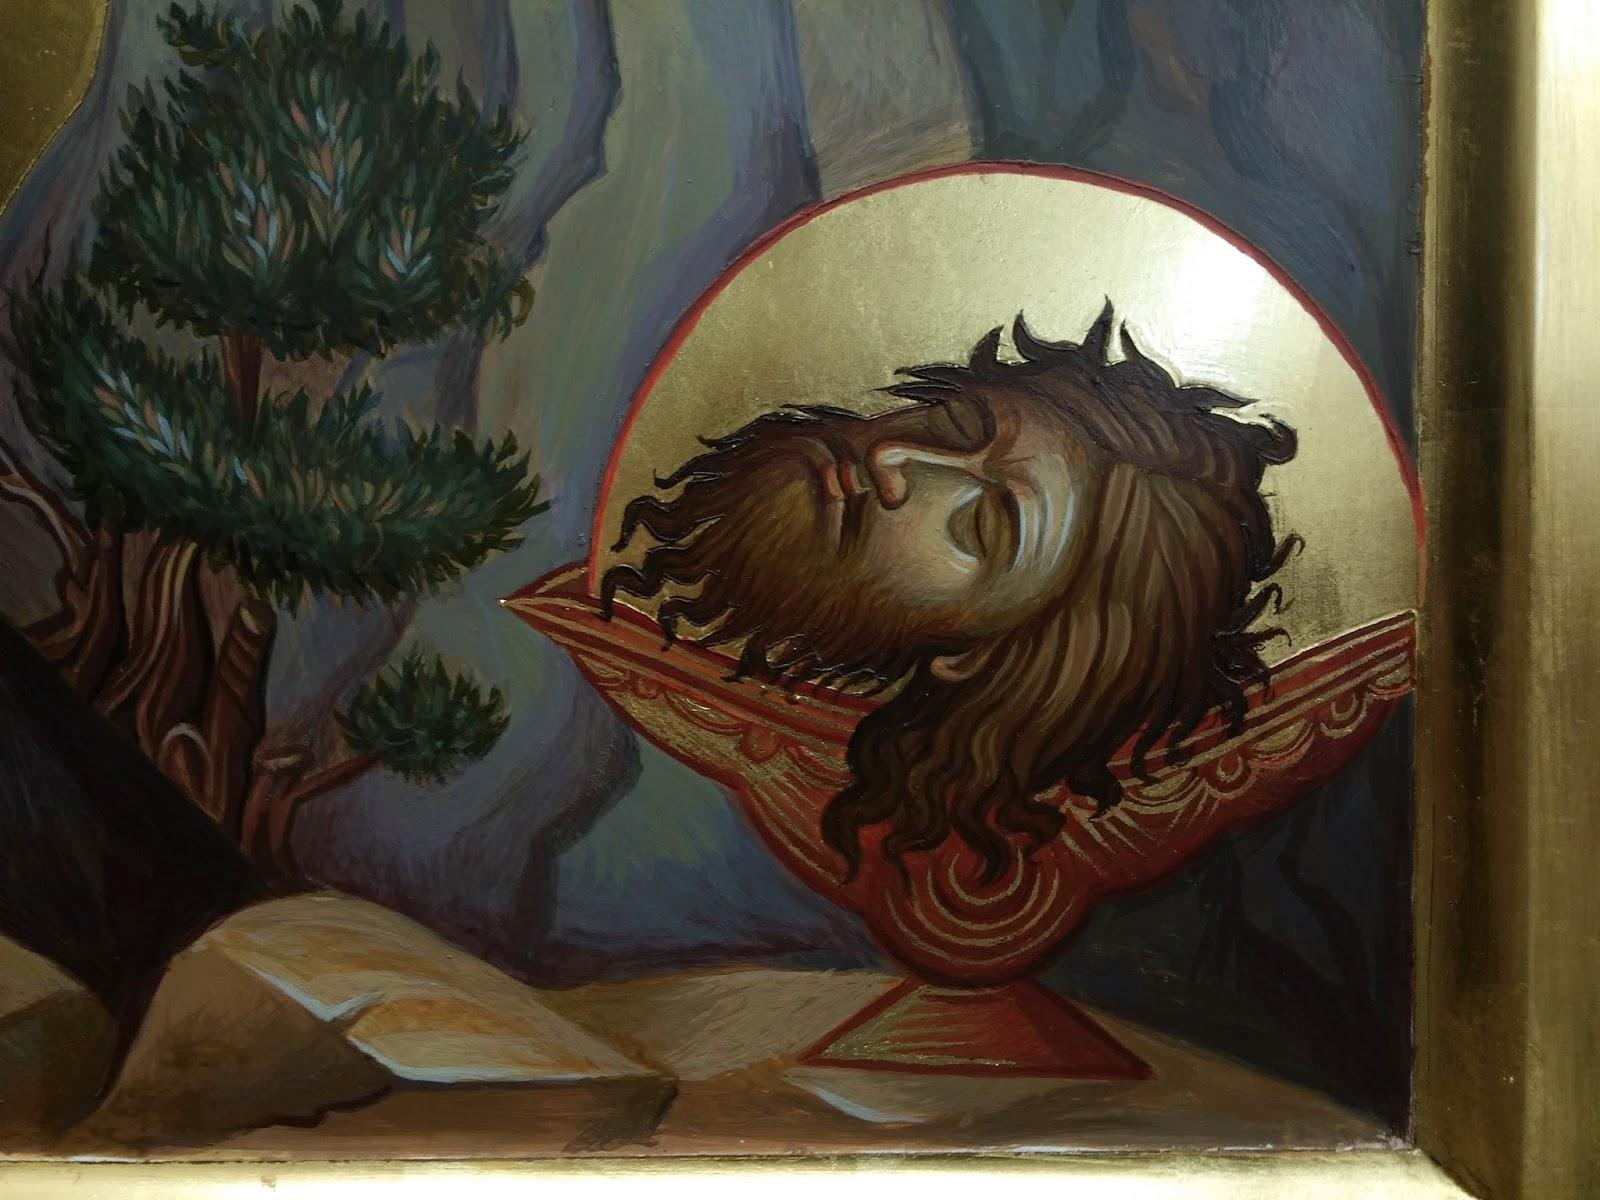 Ο Άγιος Ιωάννης ο Πρόδρομος ήταν ο καλύτερος φίλος του Ηρώδη (Δείτε το γιατί)